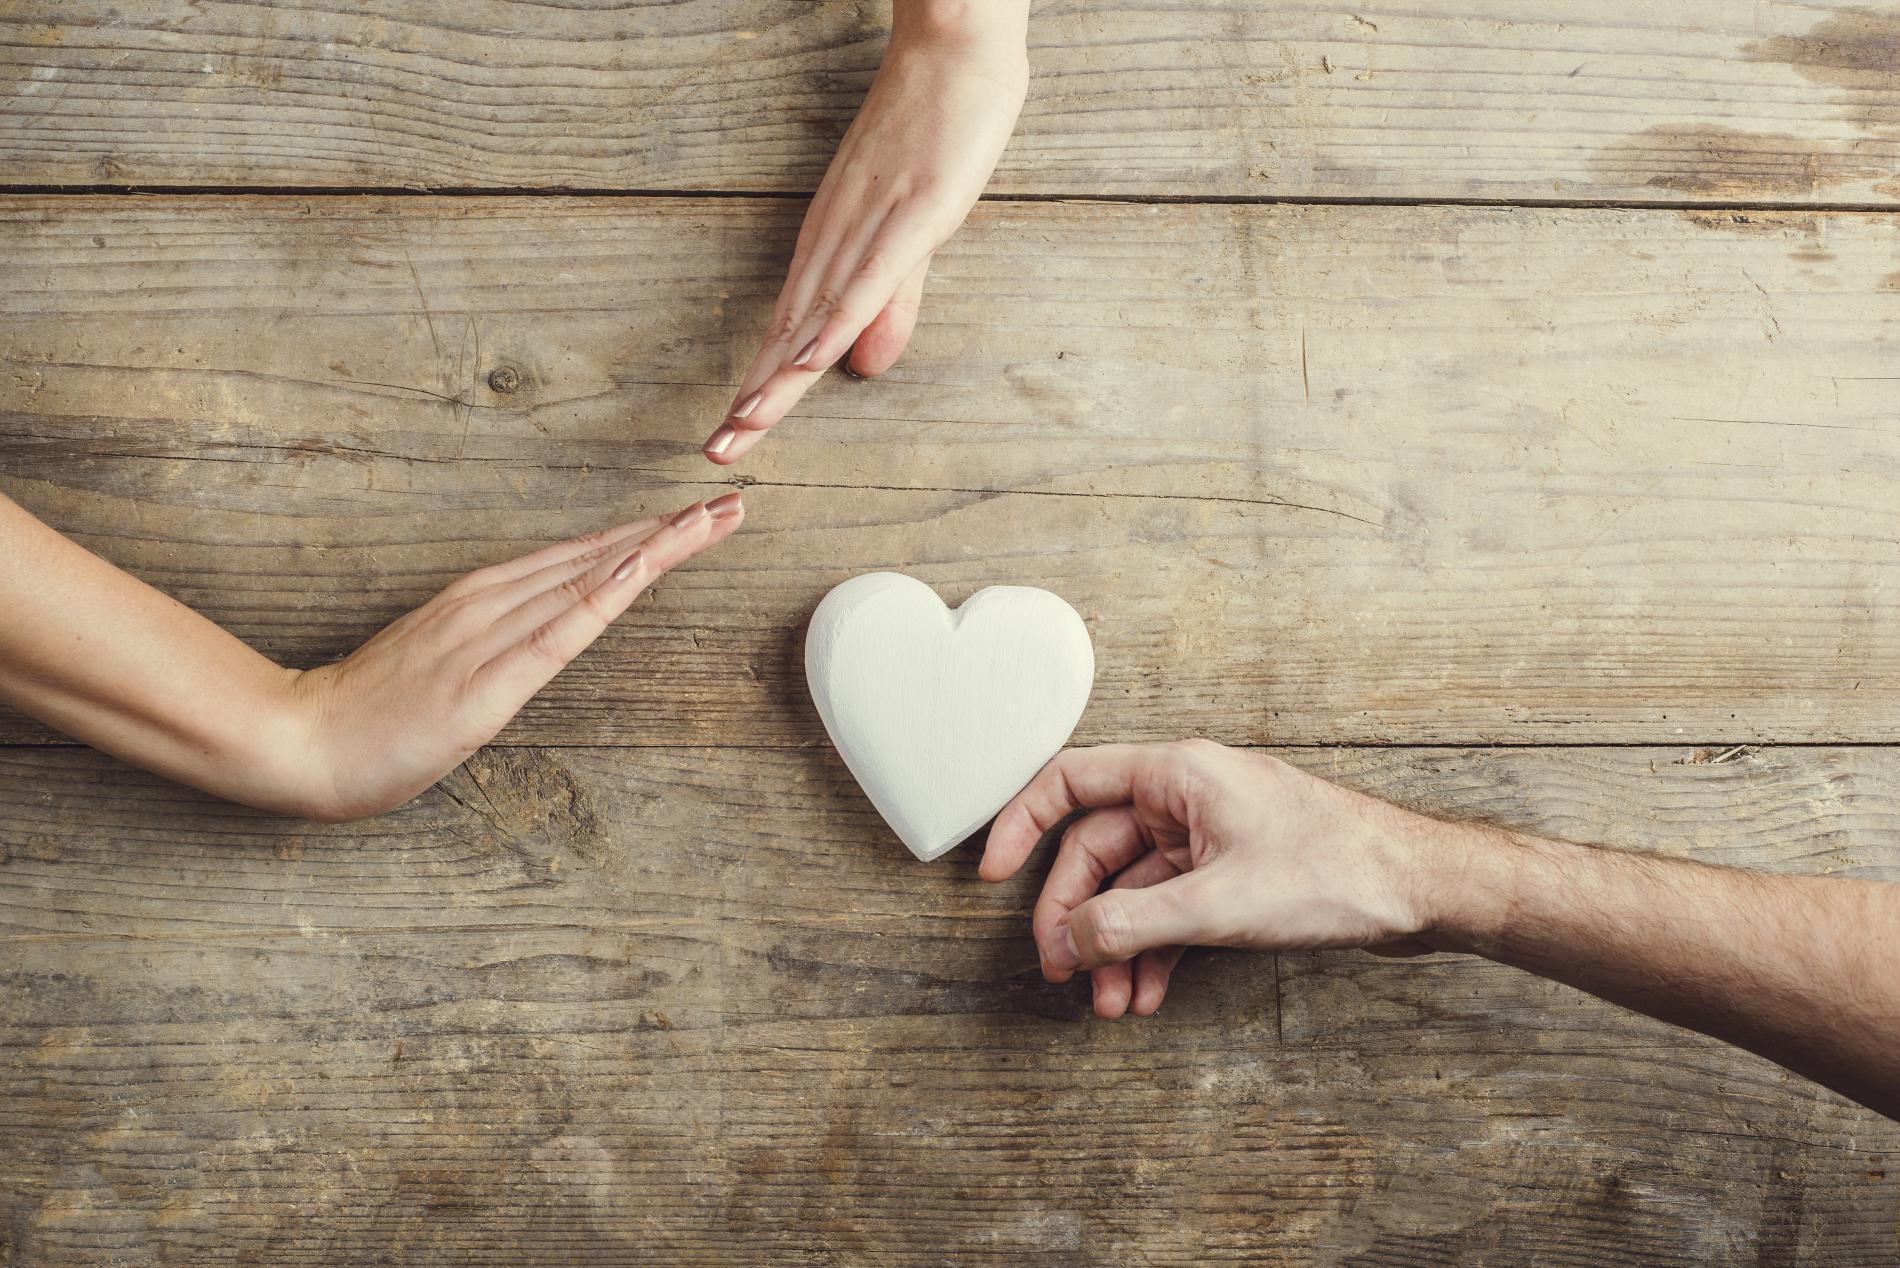 cadeaux de la Saint-Valentin pour les nouvelles rencontres